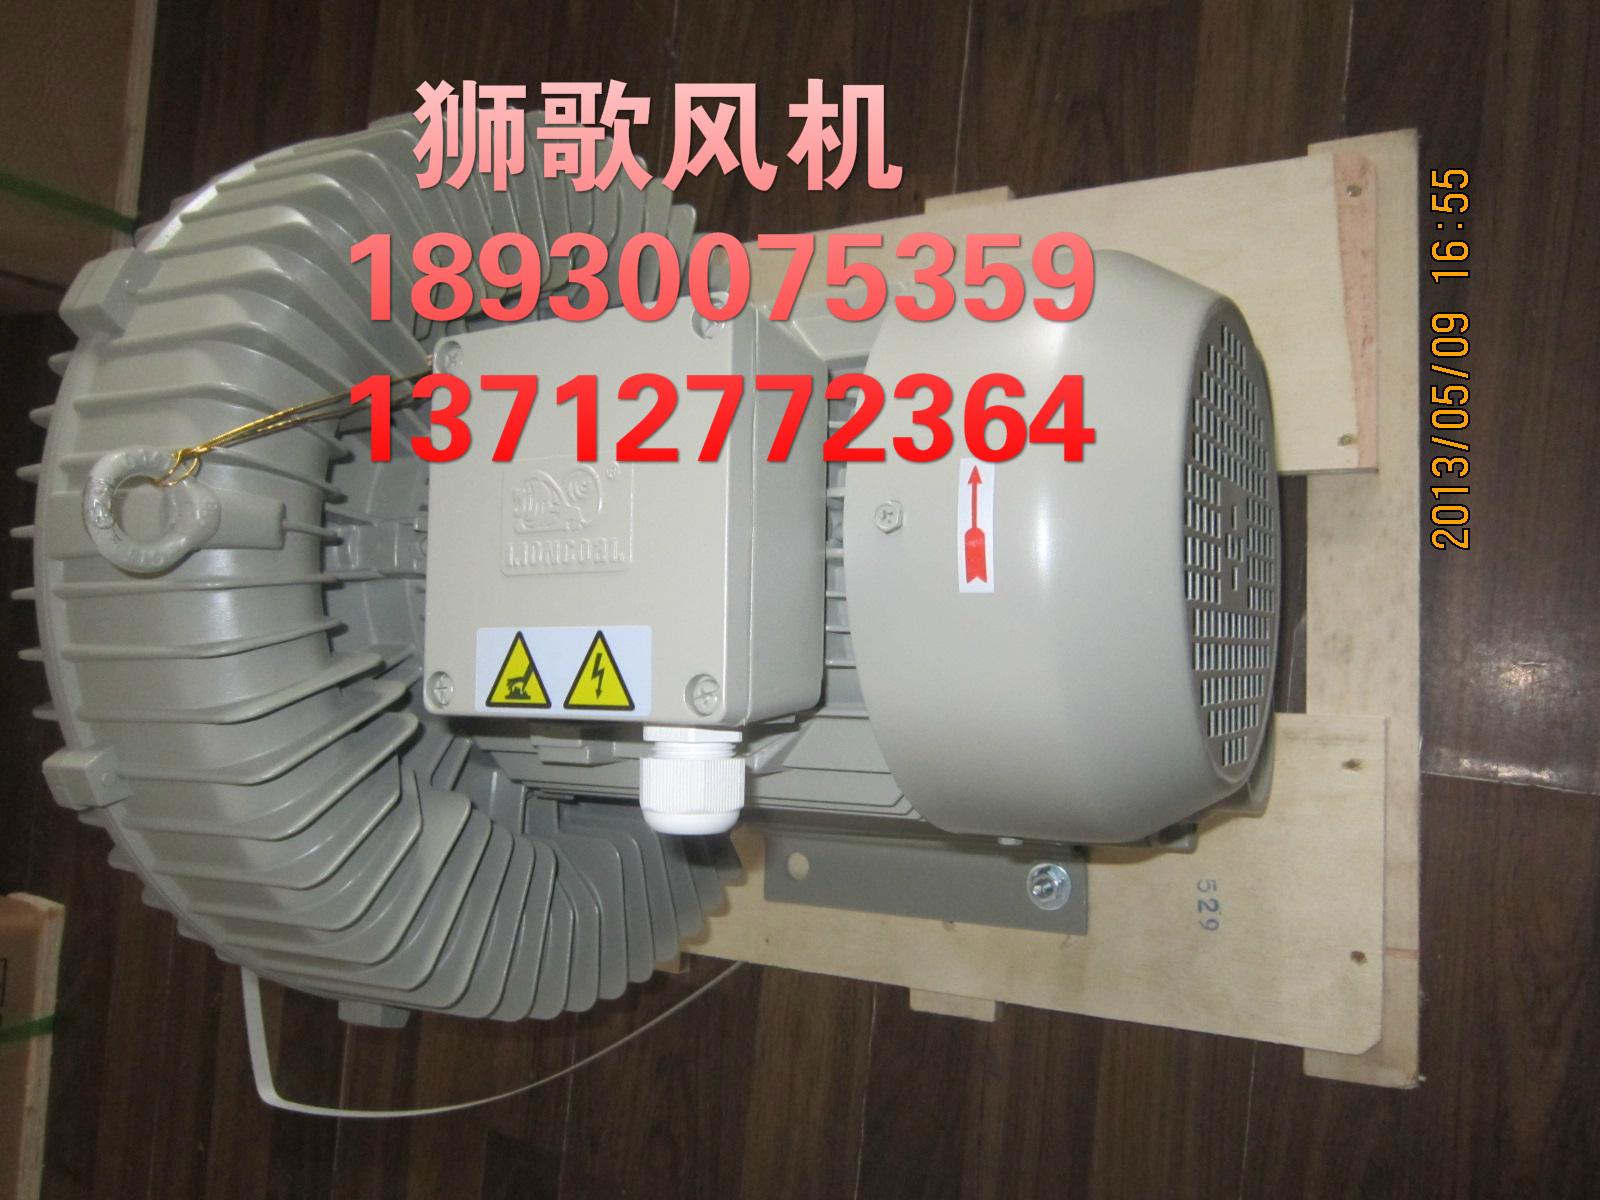 厂家供应台湾狮歌旋涡泵环形风机